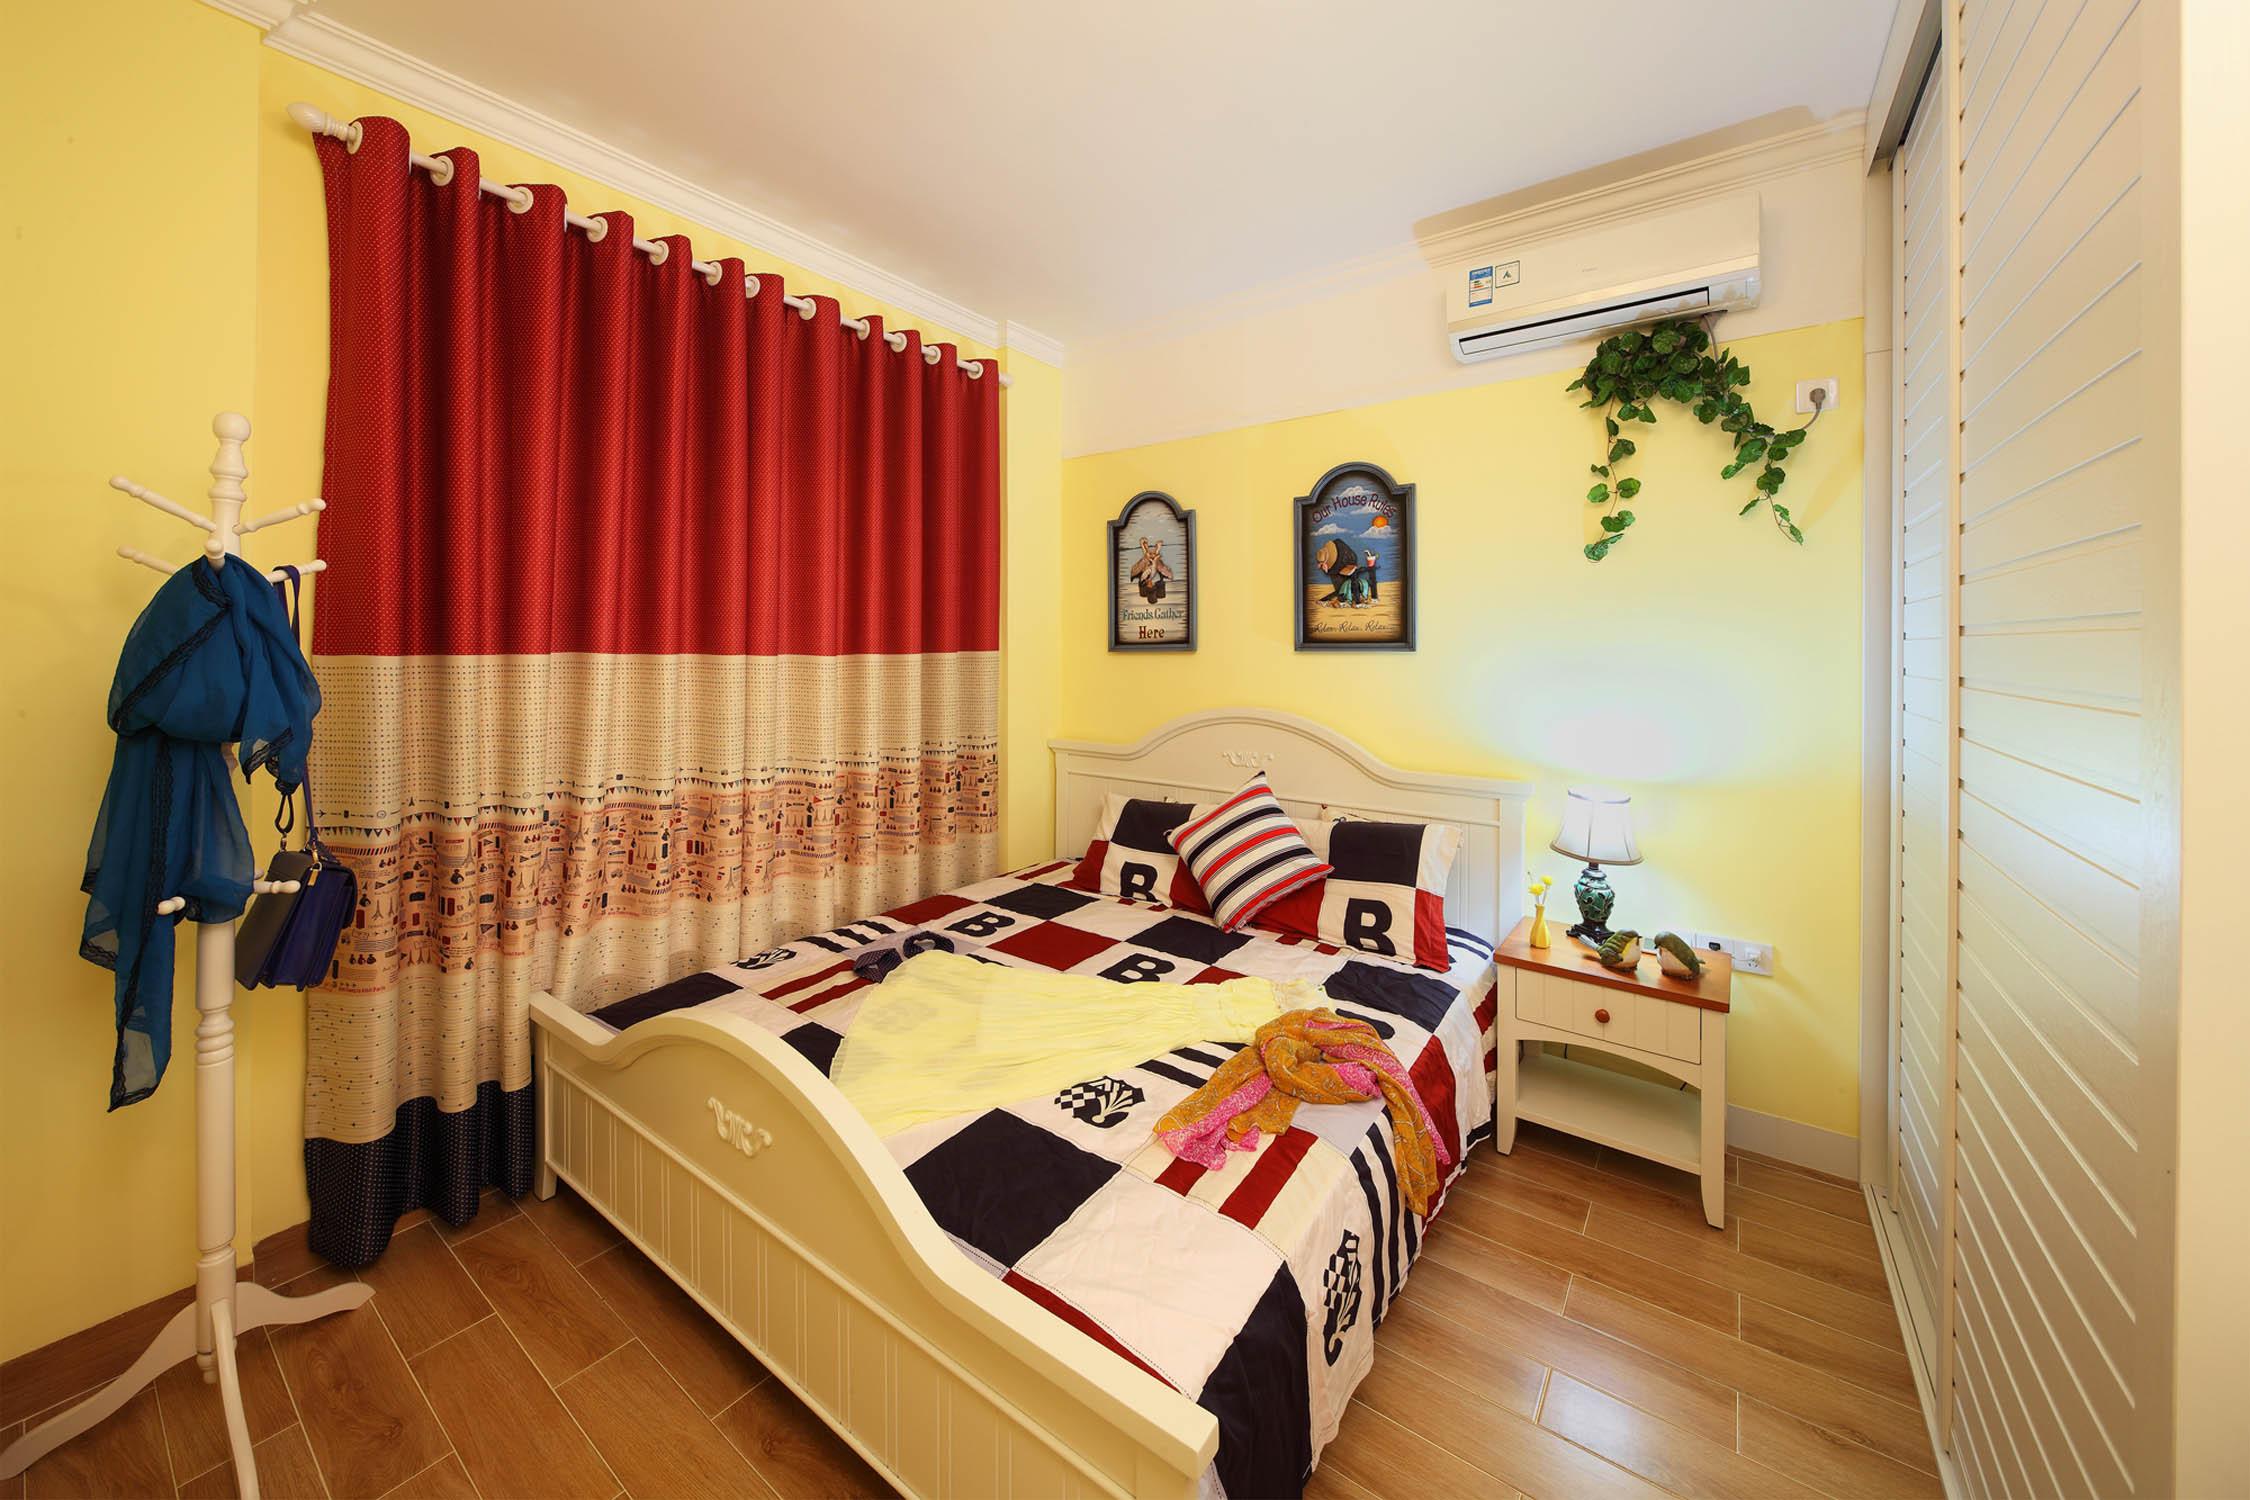 90㎡地中海风格家窗帘图片